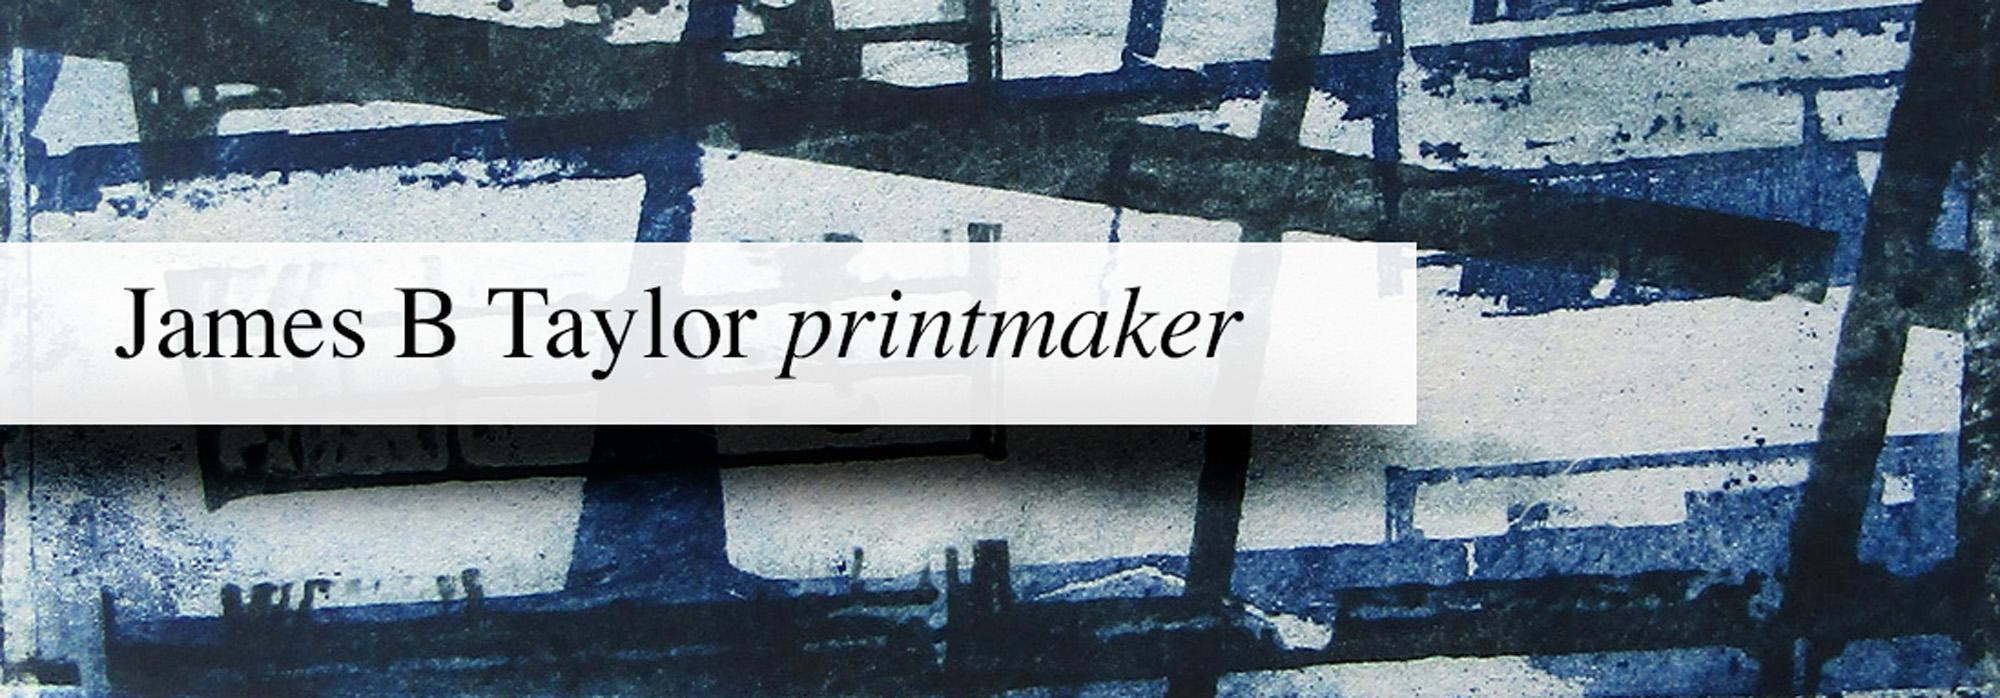 home banner 1.jpg